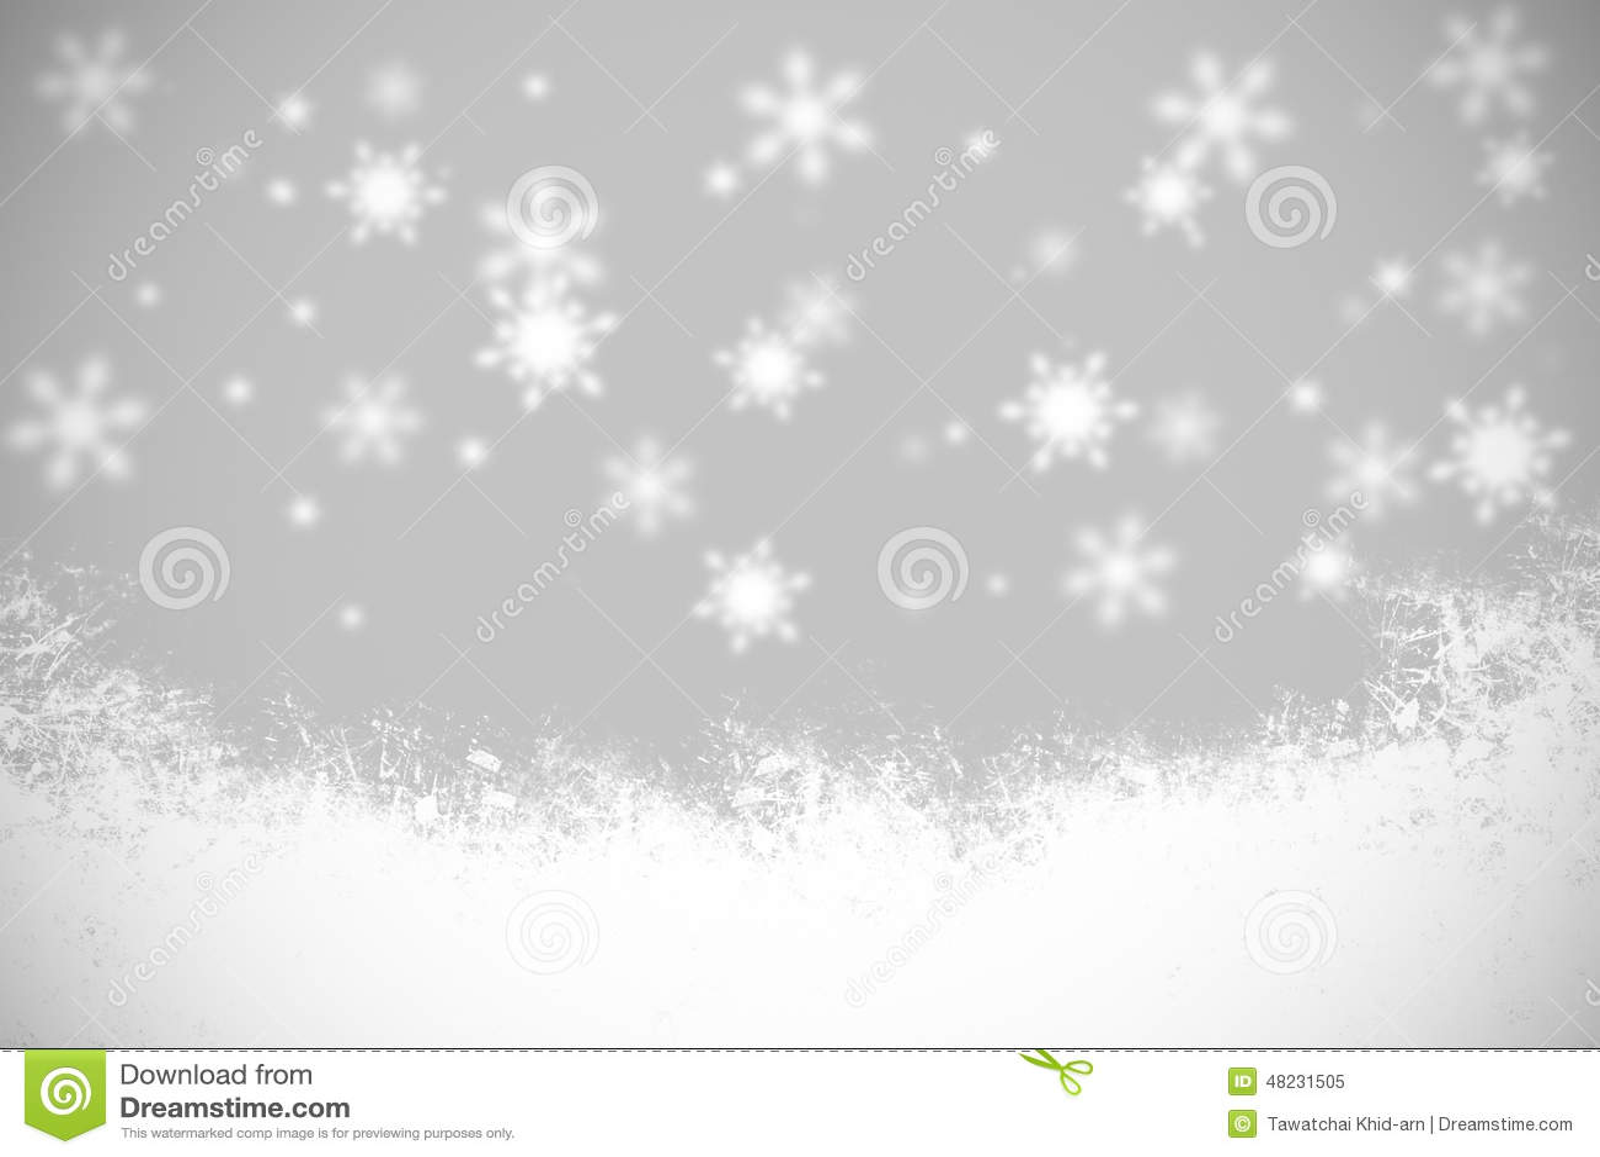 Fiocchi Di Neve E Luce In Bianco E Nero Del Fondo Di Natale